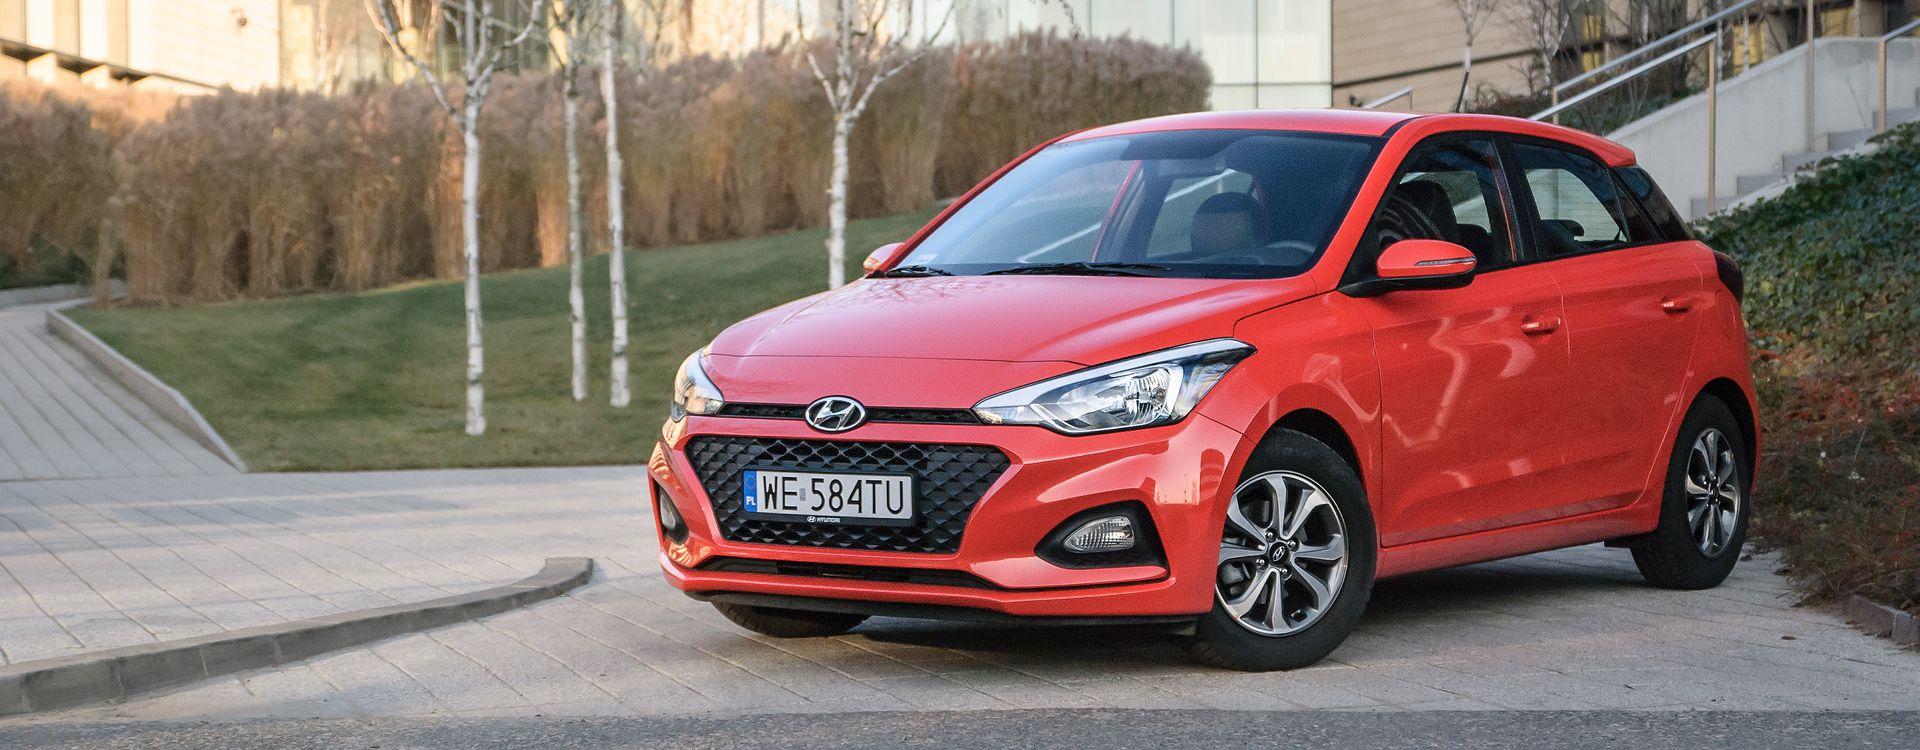 Bardzo dobra Hyundai i20 1.2 w wersji Launch - test, spalanie, dane techniczne WI58